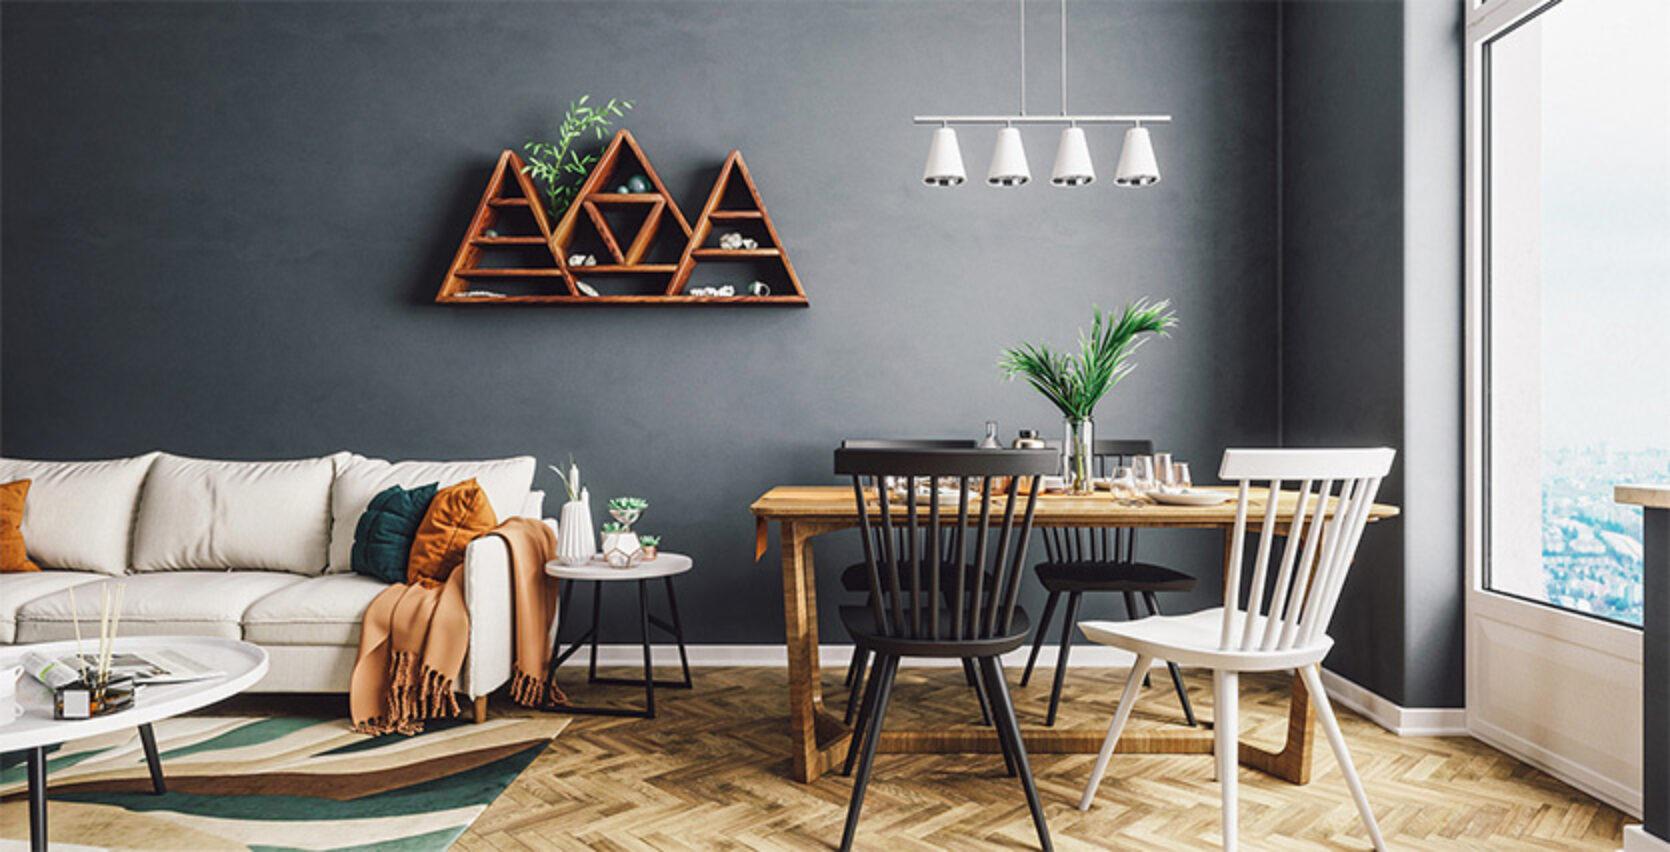 Stue med lys sofa og spsiebord med trestoler i sort og hvitt. Tregulv og et stort vindu som gir lys